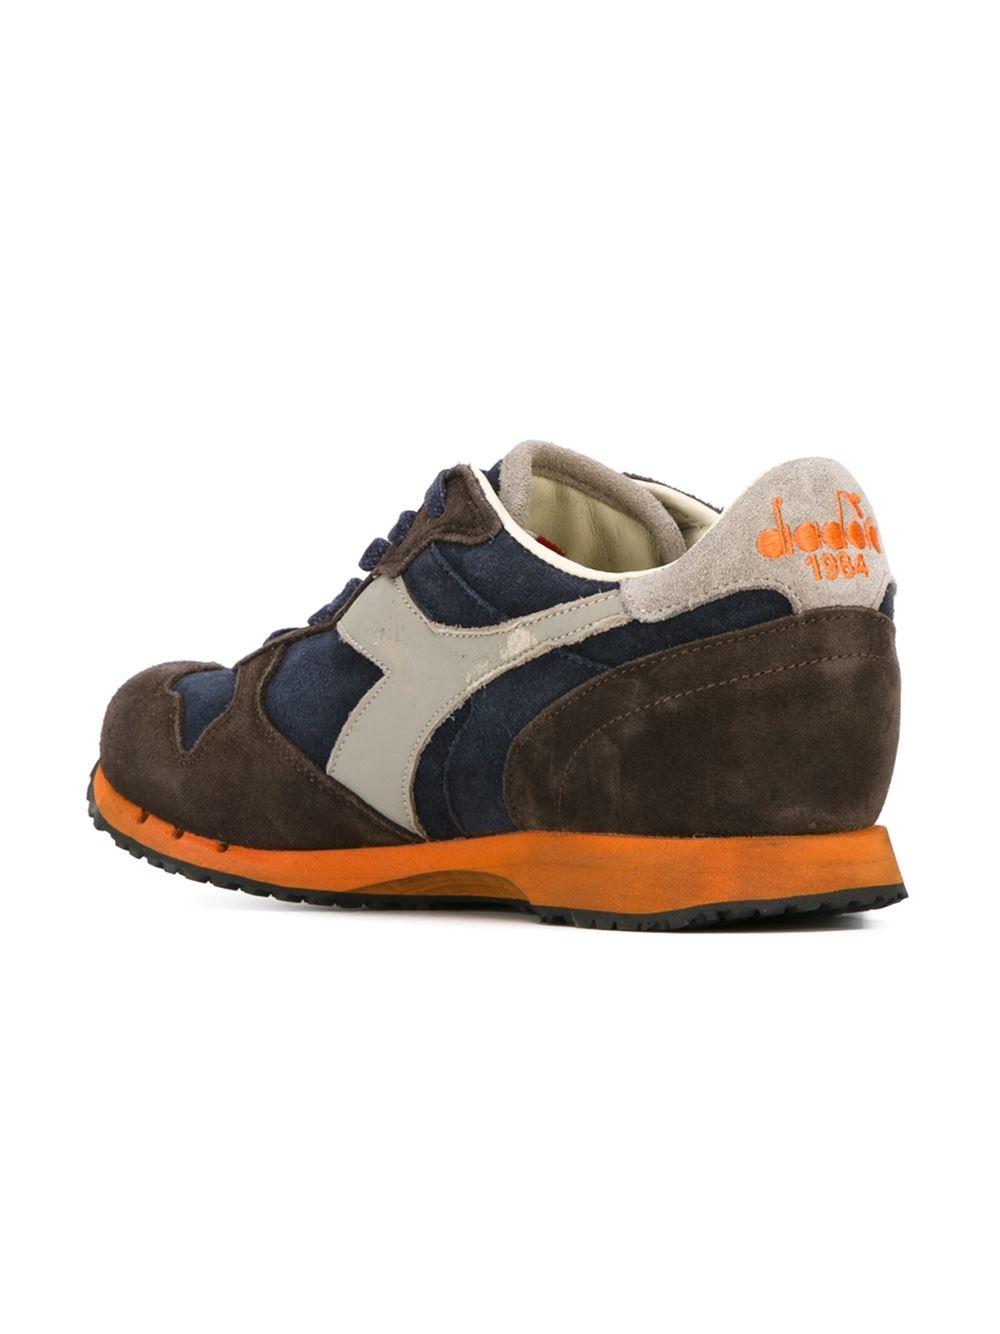 diadora sneakers -#main